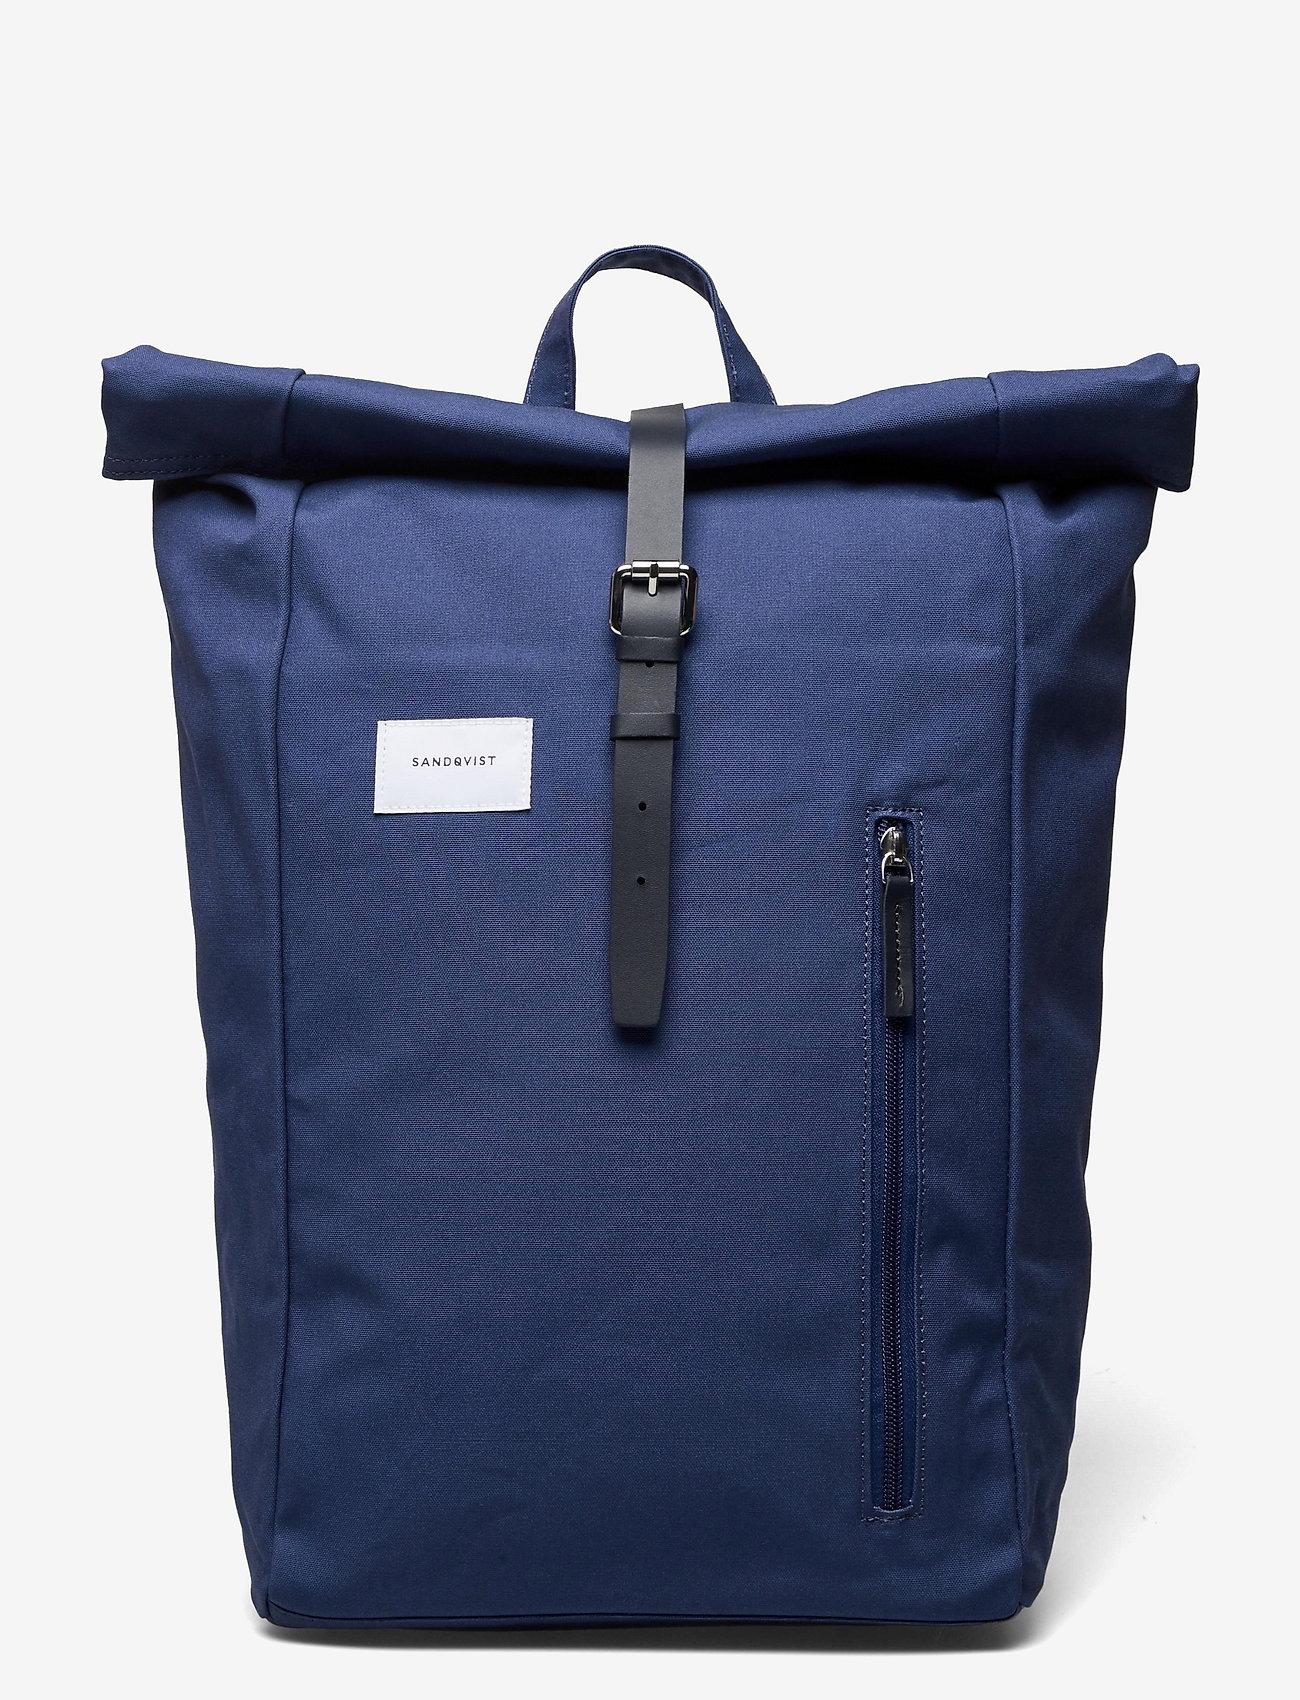 SANDQVIST - DANTE - sacs a dos - blue with blue leather - 0